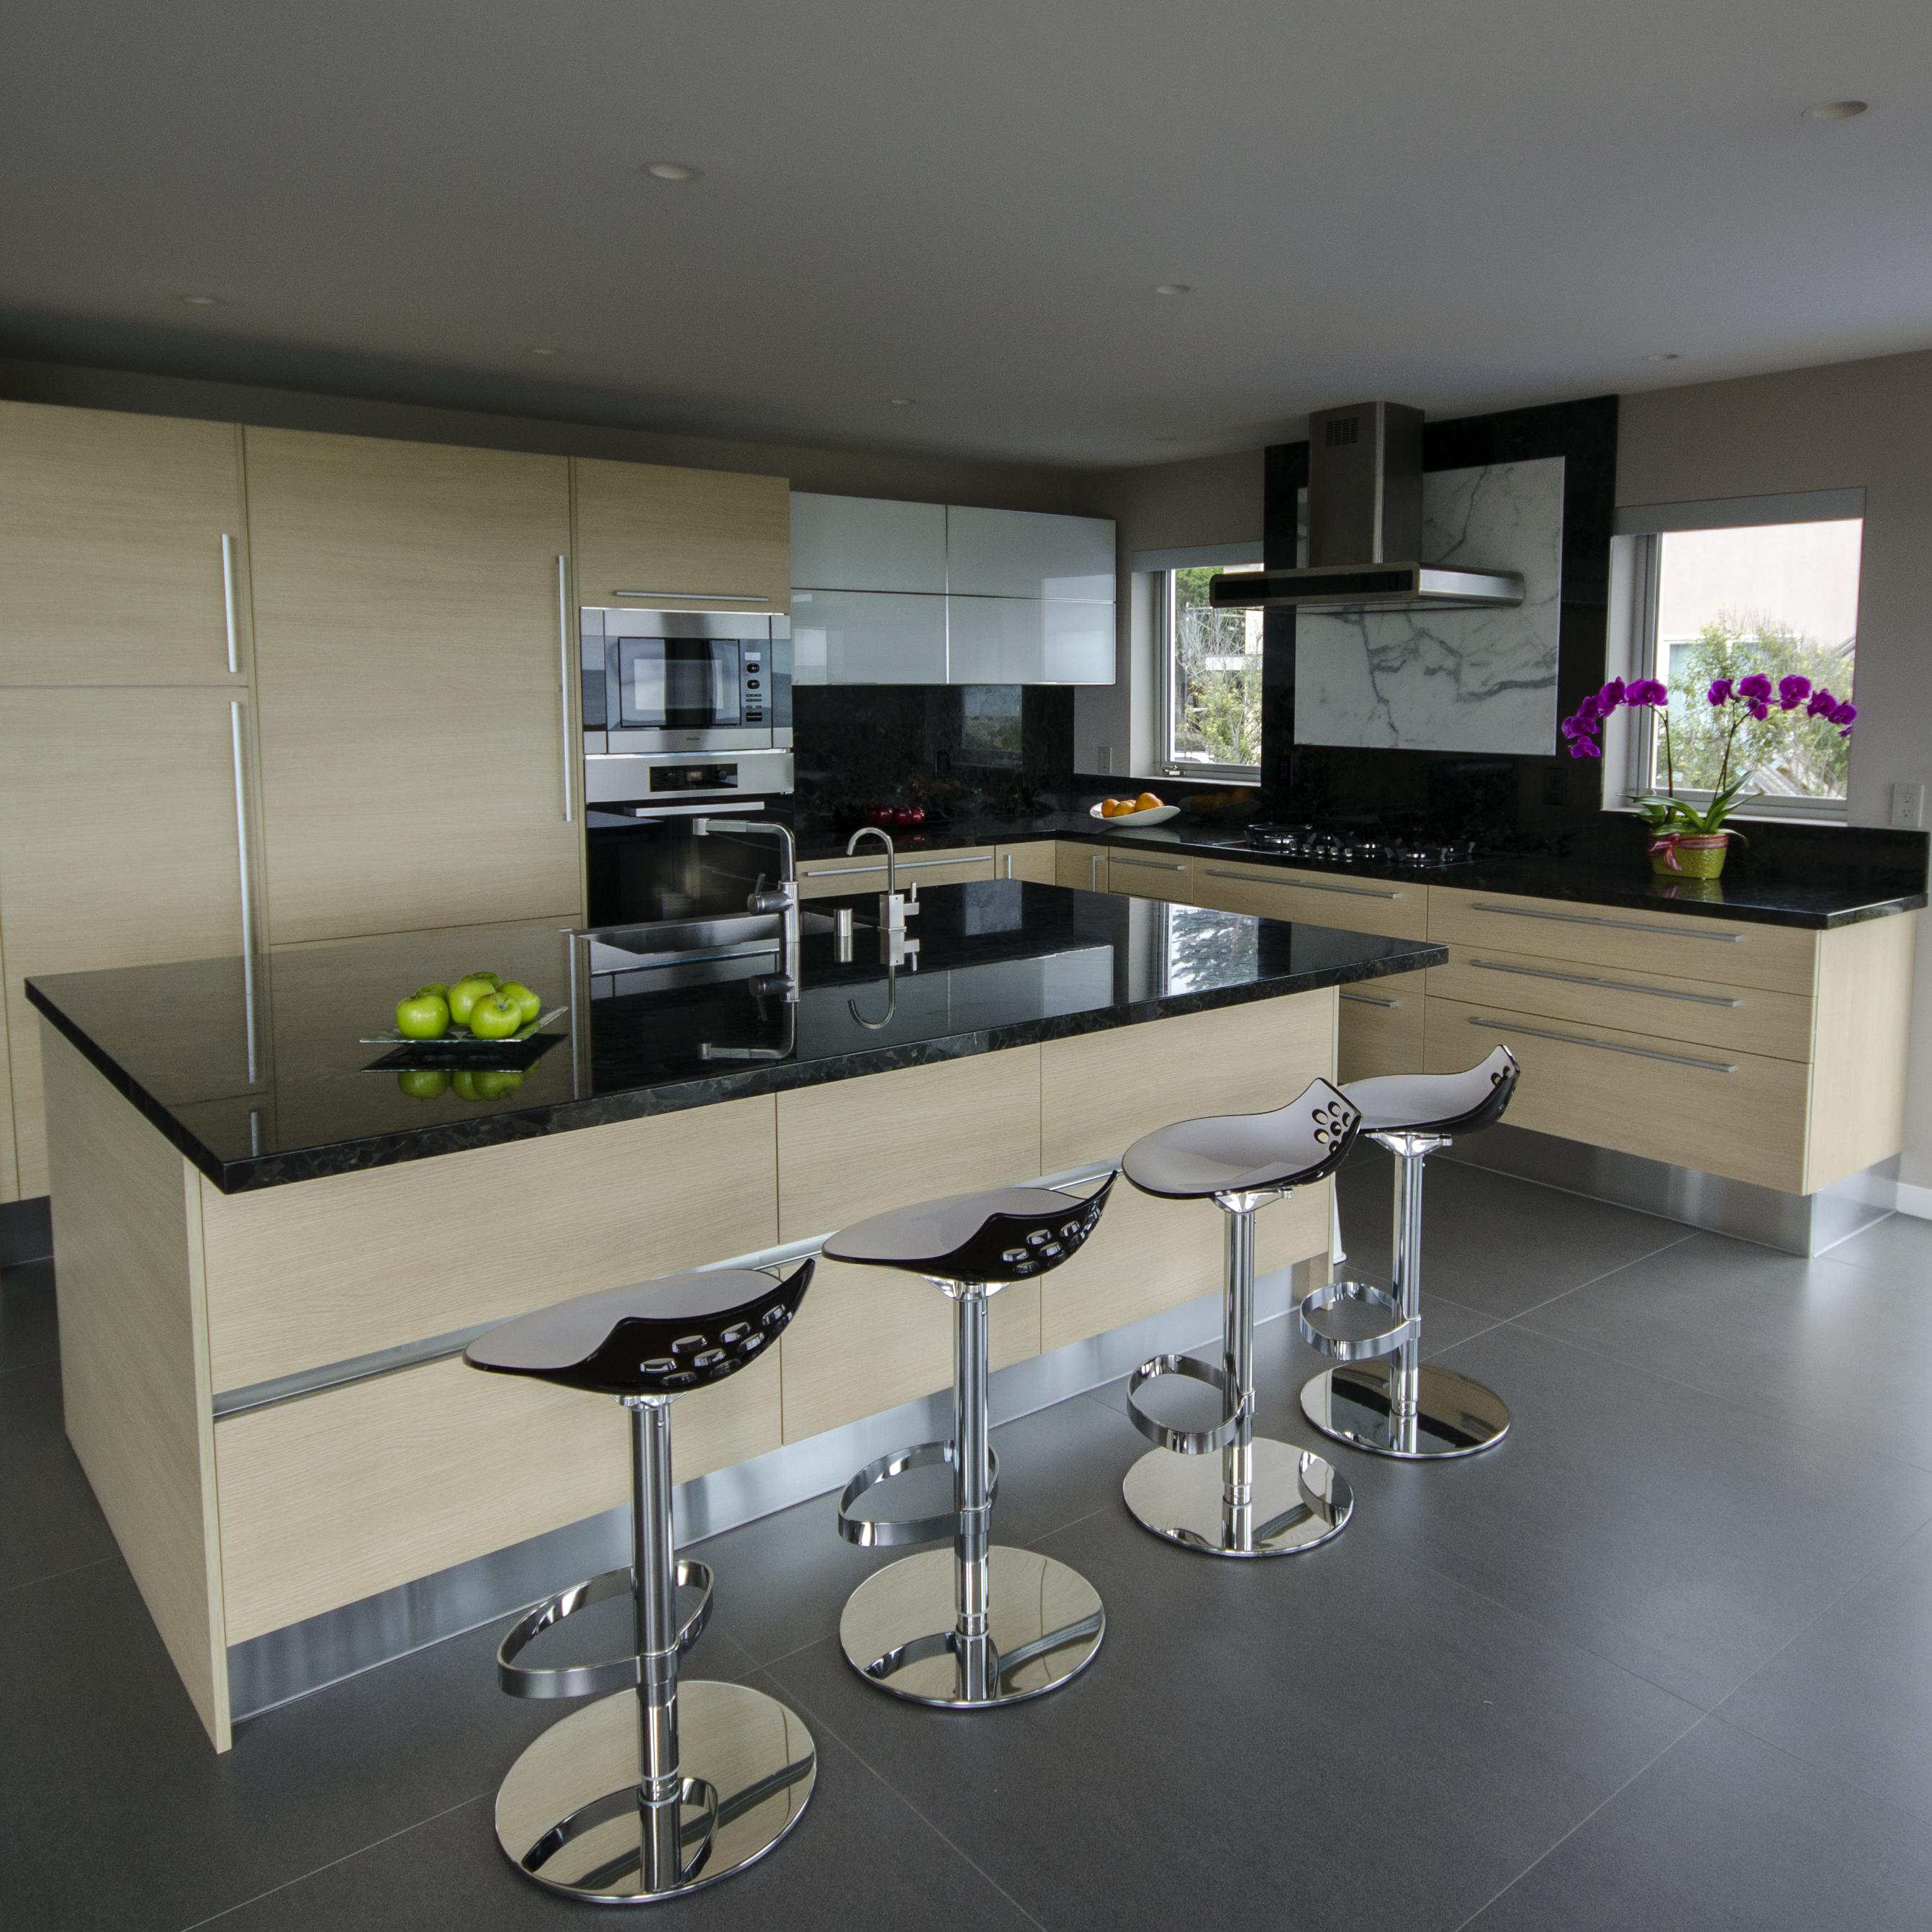 kitchen004_v2.jpg